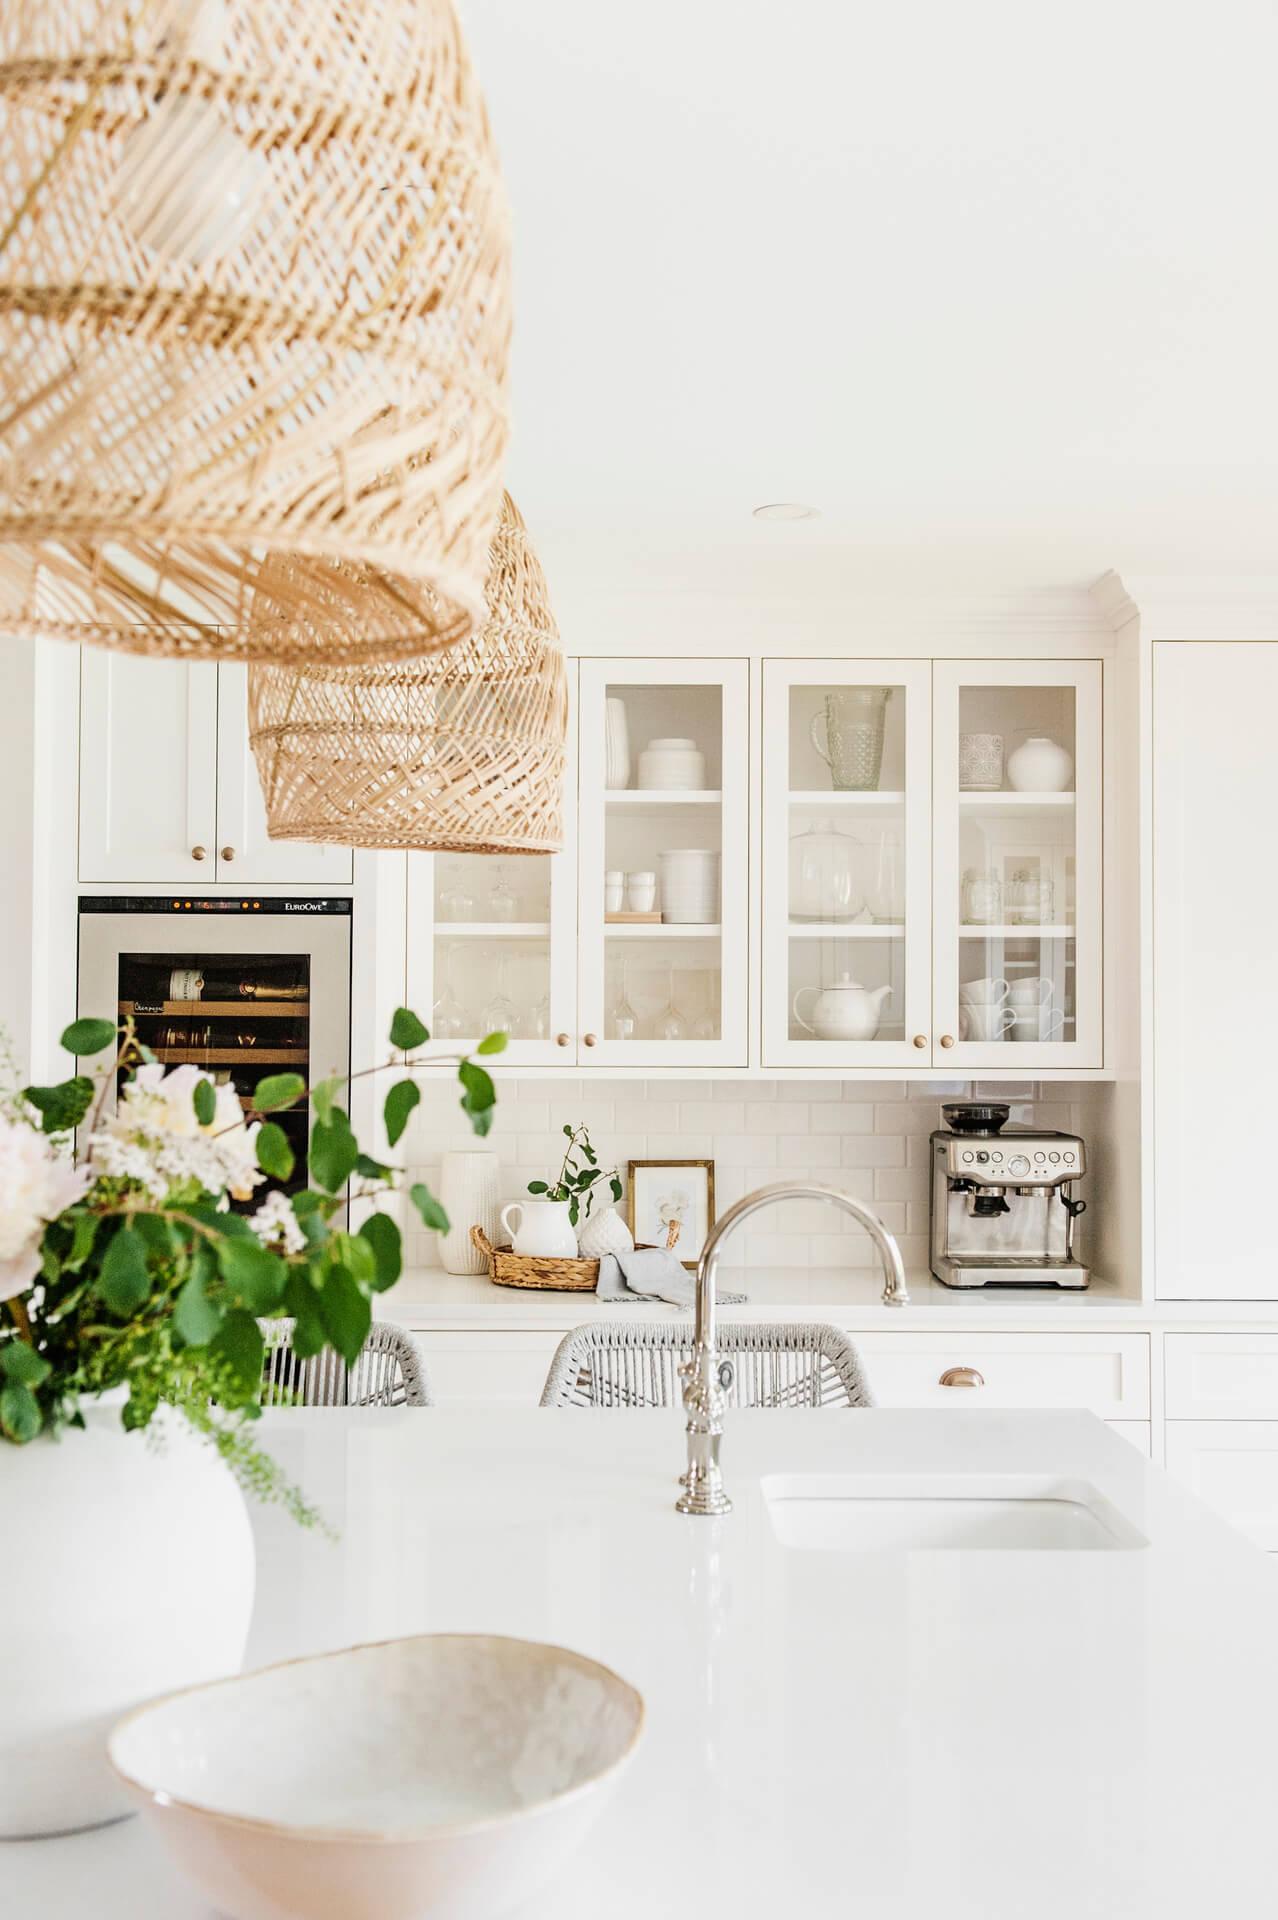 Frobisher AKB Design cuisine blanche farmhouse classique tablette bois luminaire osier ilot quarz 7